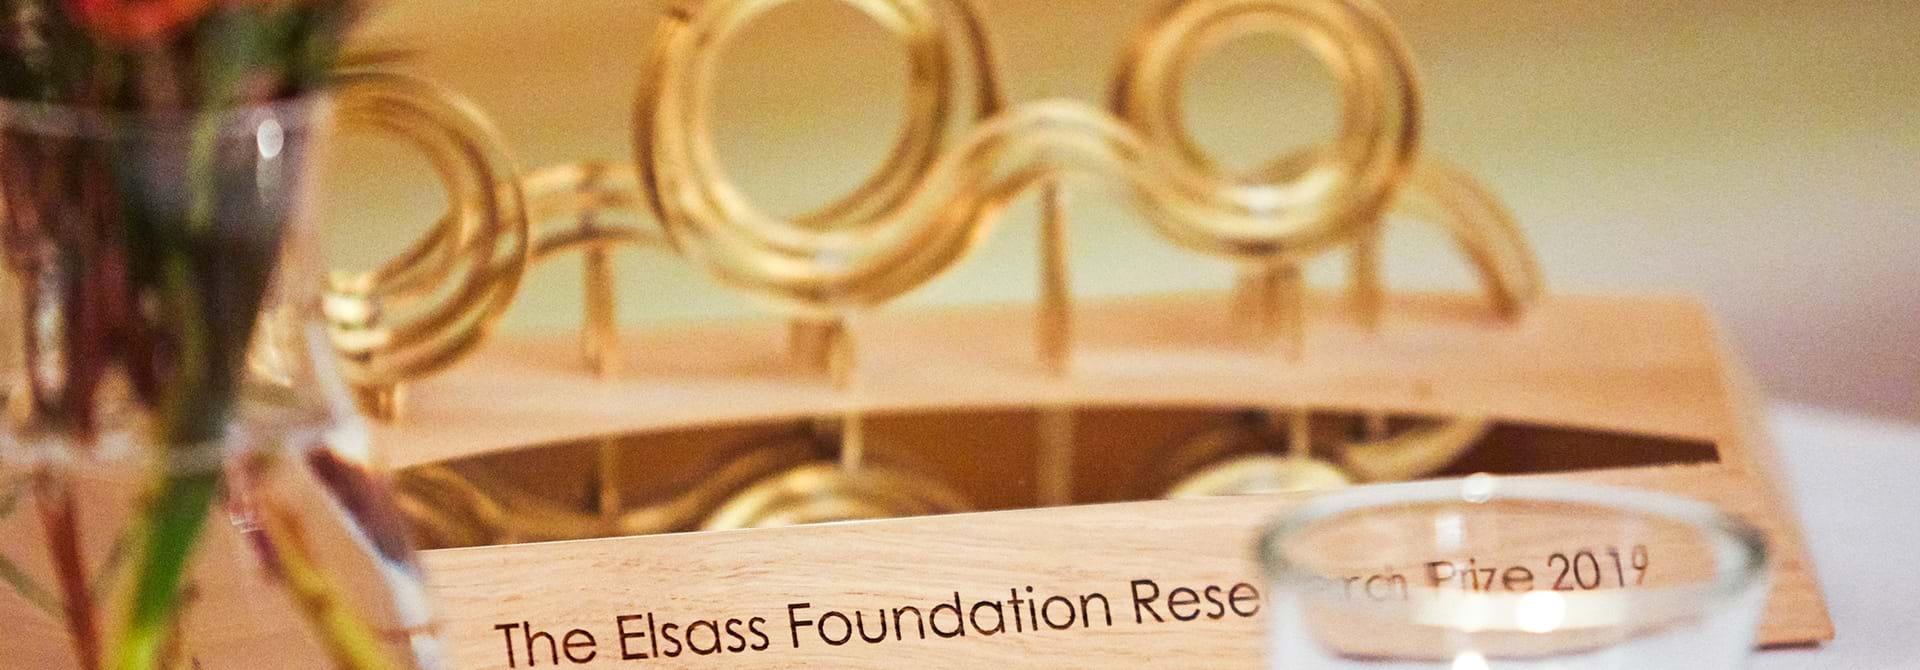 Research Prize Pris Web